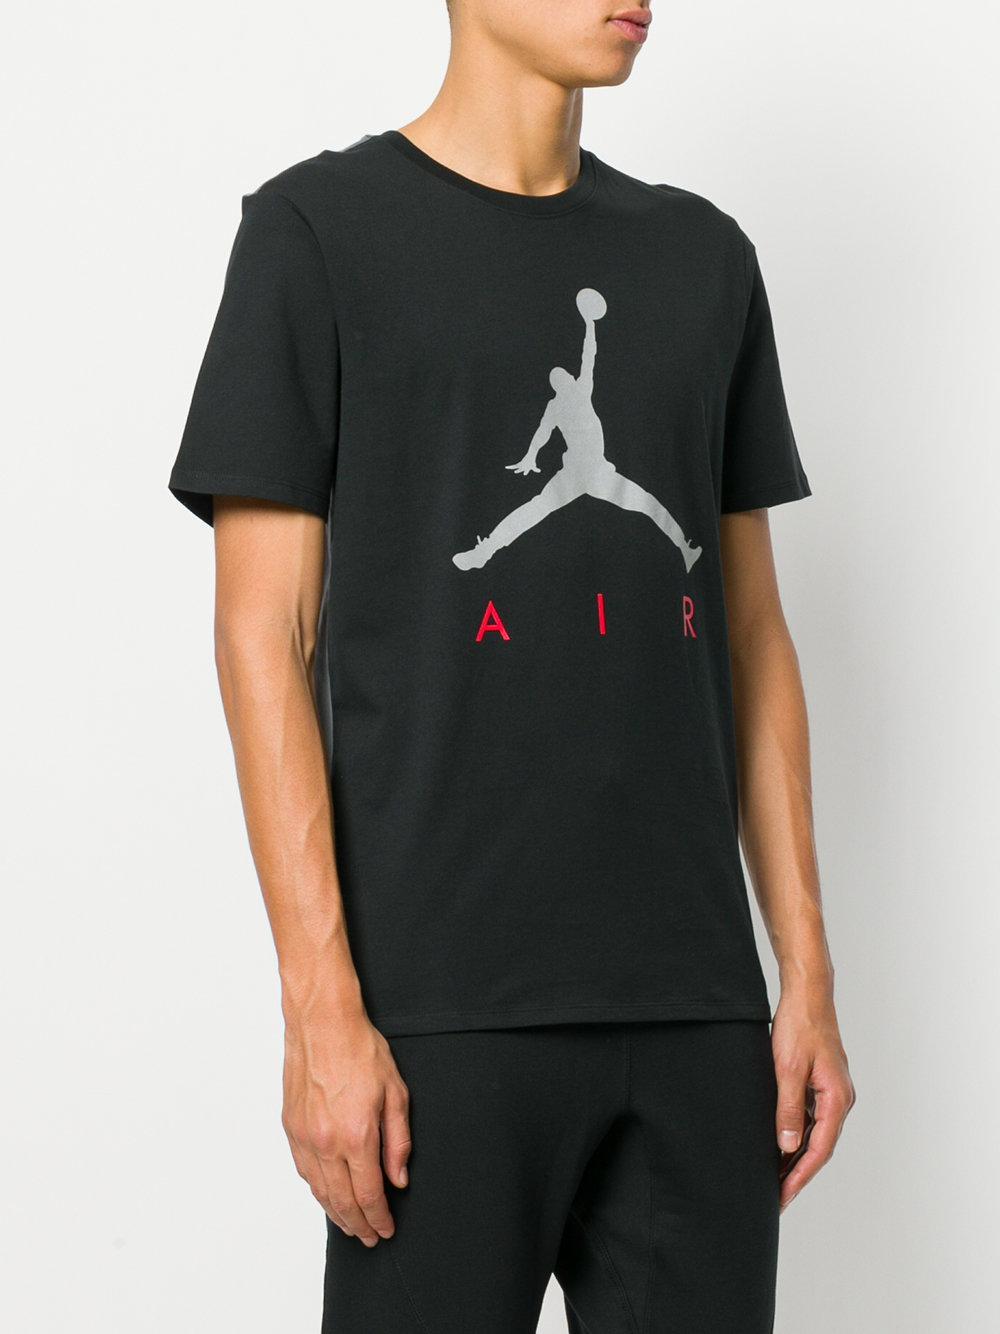 c20b5fe29244 Lyst - Nike Jumpman Air Printed T-shirt in Black for Men